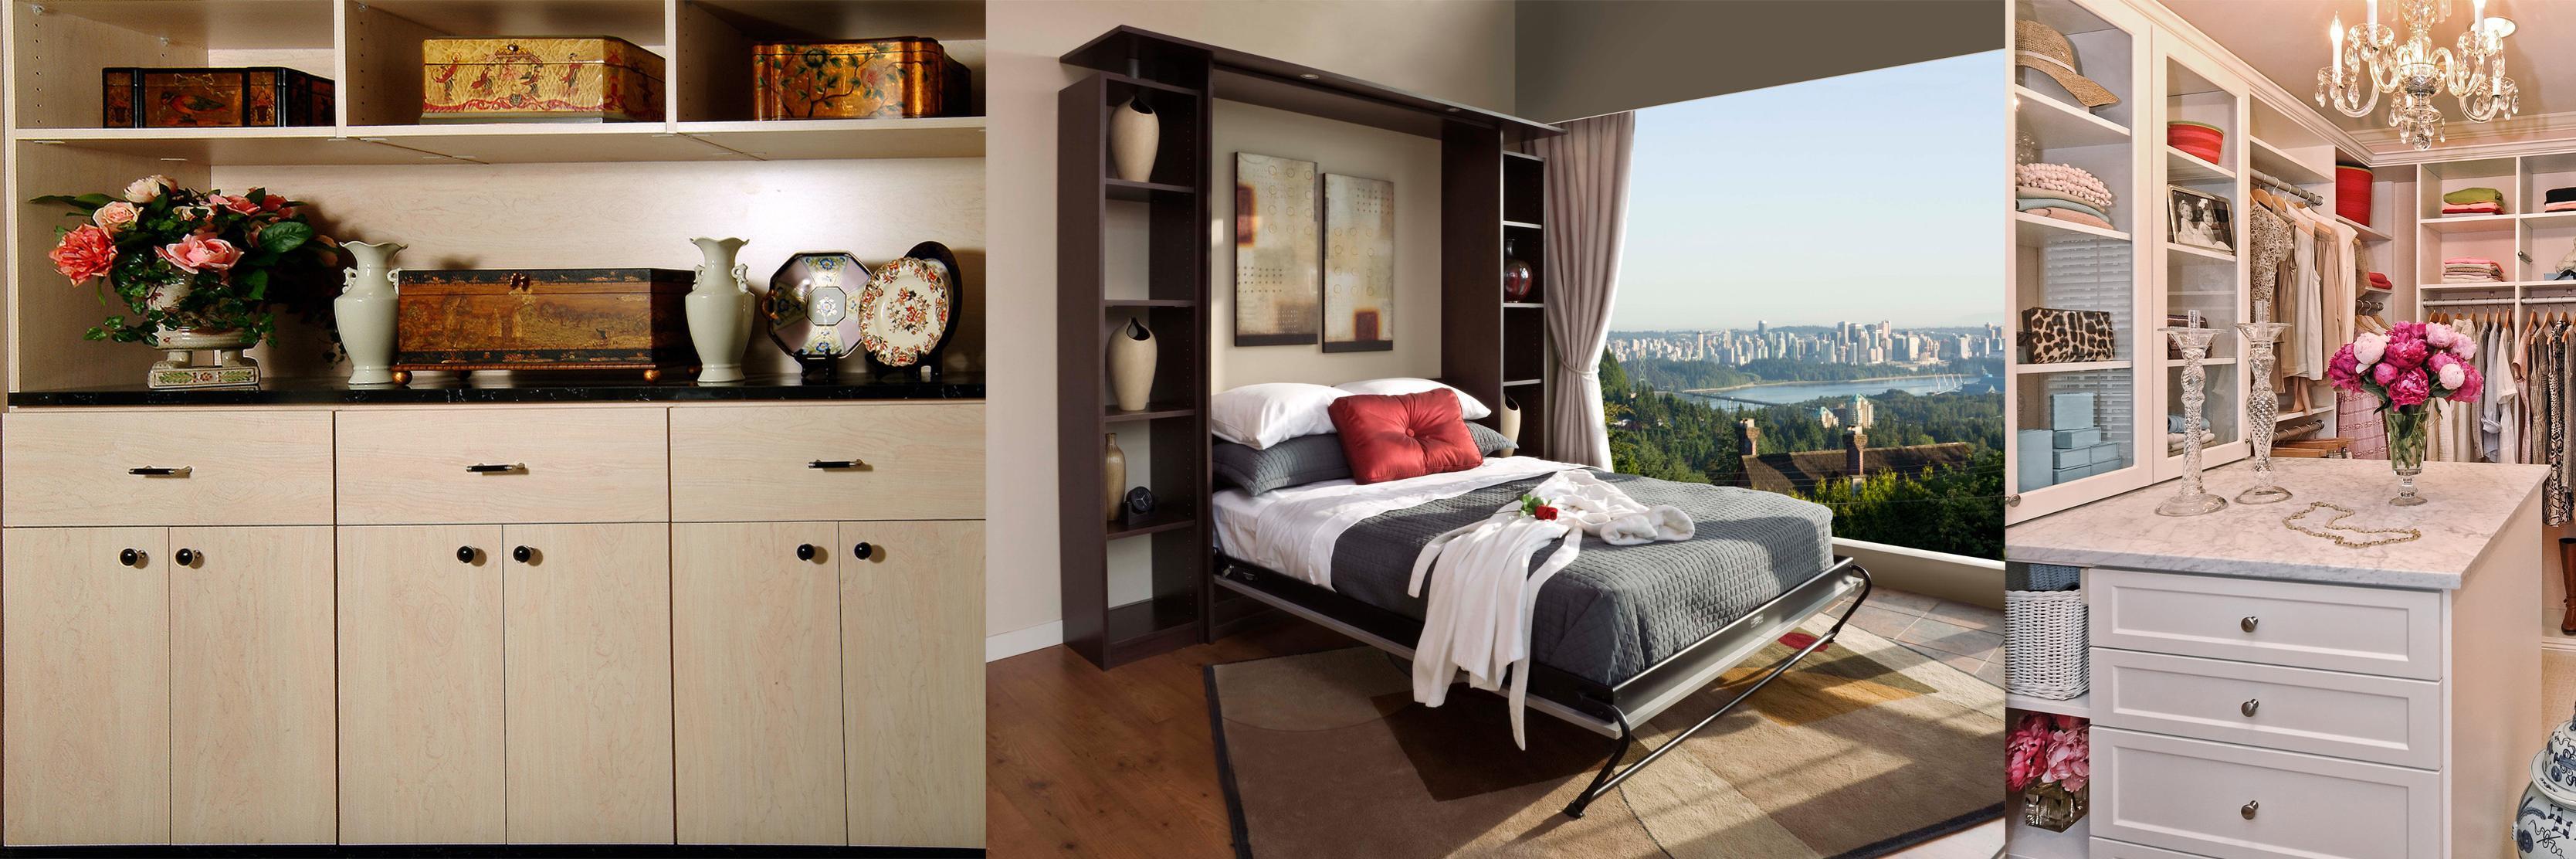 Closet & Storage Concepts/More Space Place